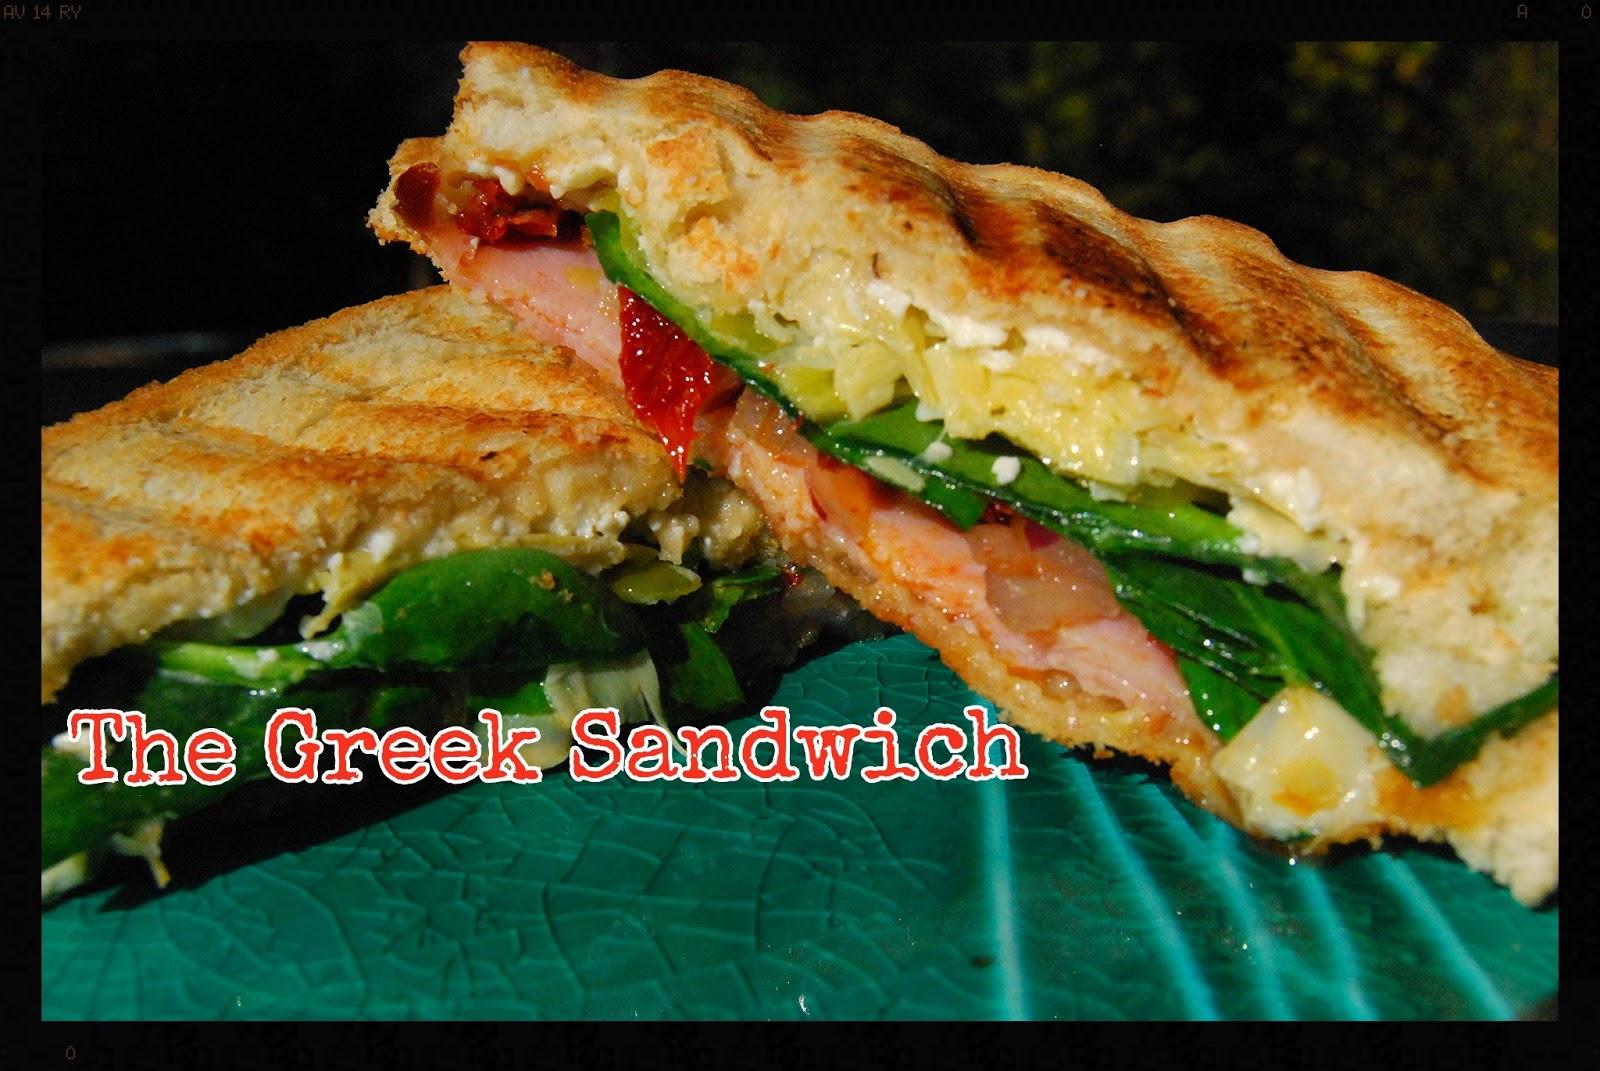 The Greek Sandwich